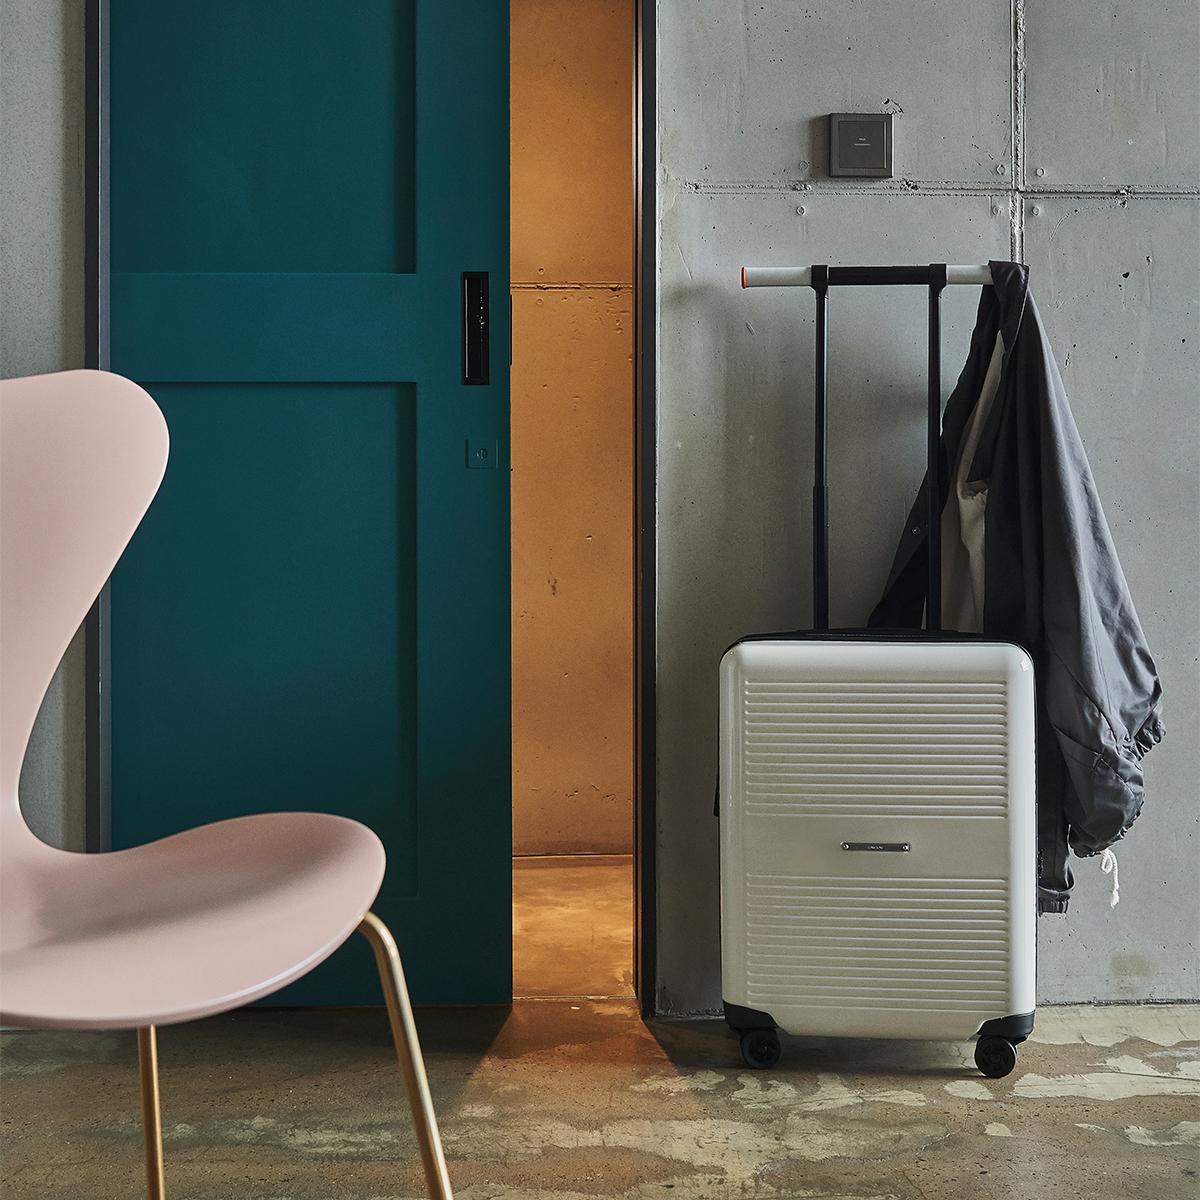 ハンドルが「ハンガーラック」に早変わりする、大小ふたつのサイズを「入れ子収納」できる、機内持ち込み用(37L)&長期旅行用(72L)スーツケースセット| RAWROW | R TRUNK LITE